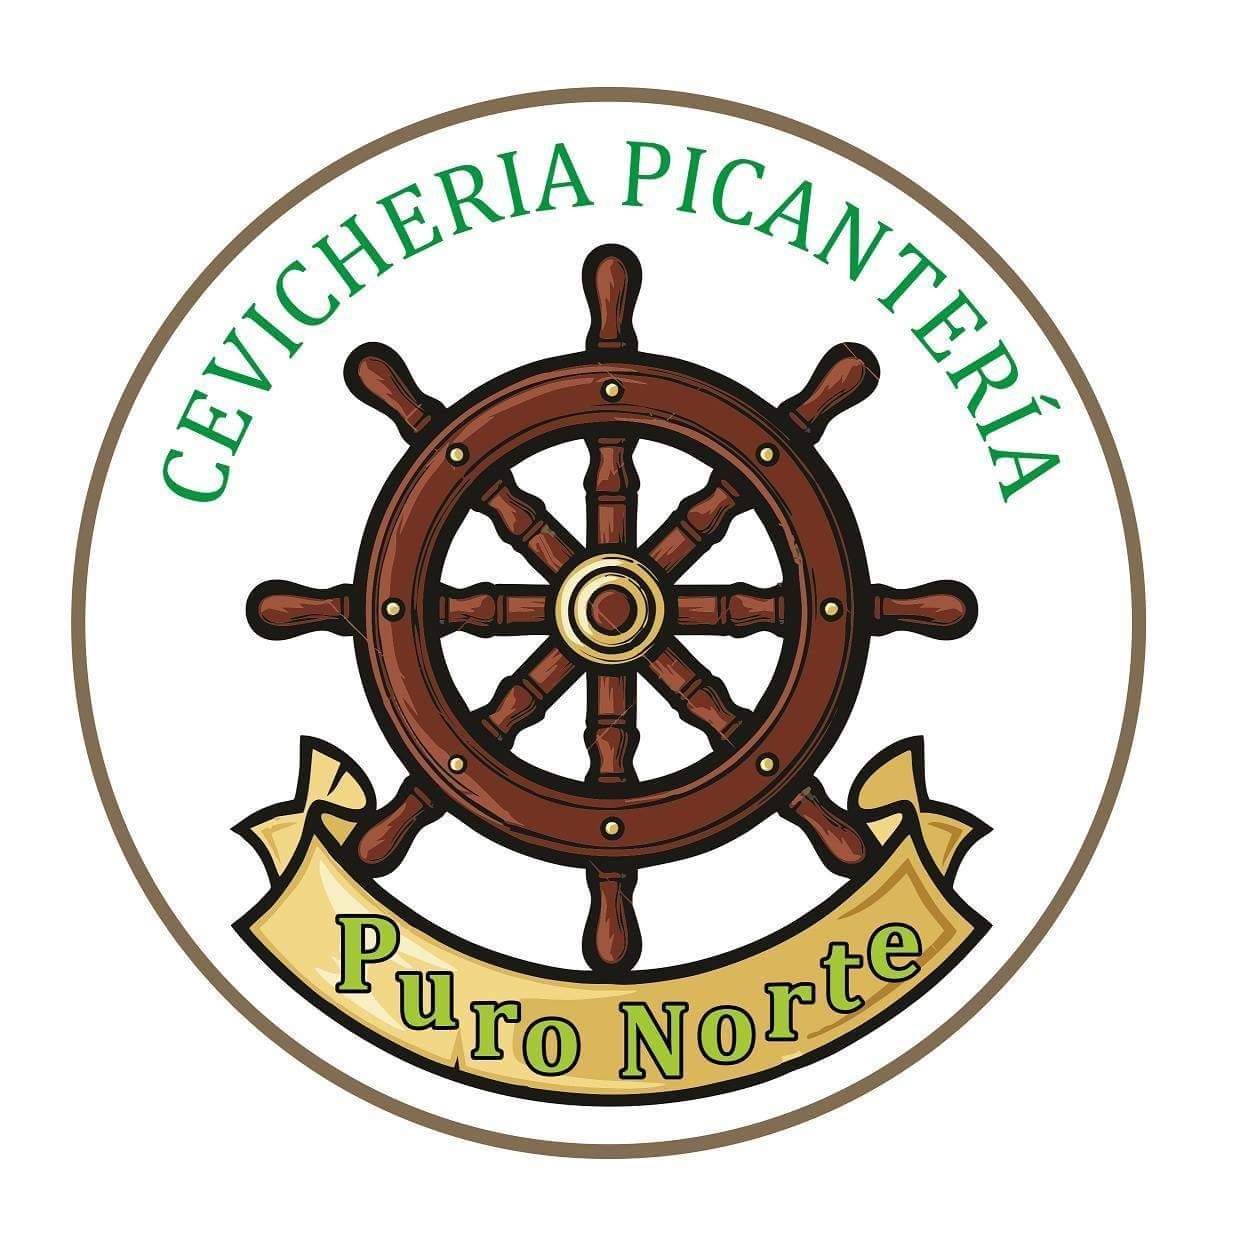 Puro Norte Cebicheria Picantería Iquitos